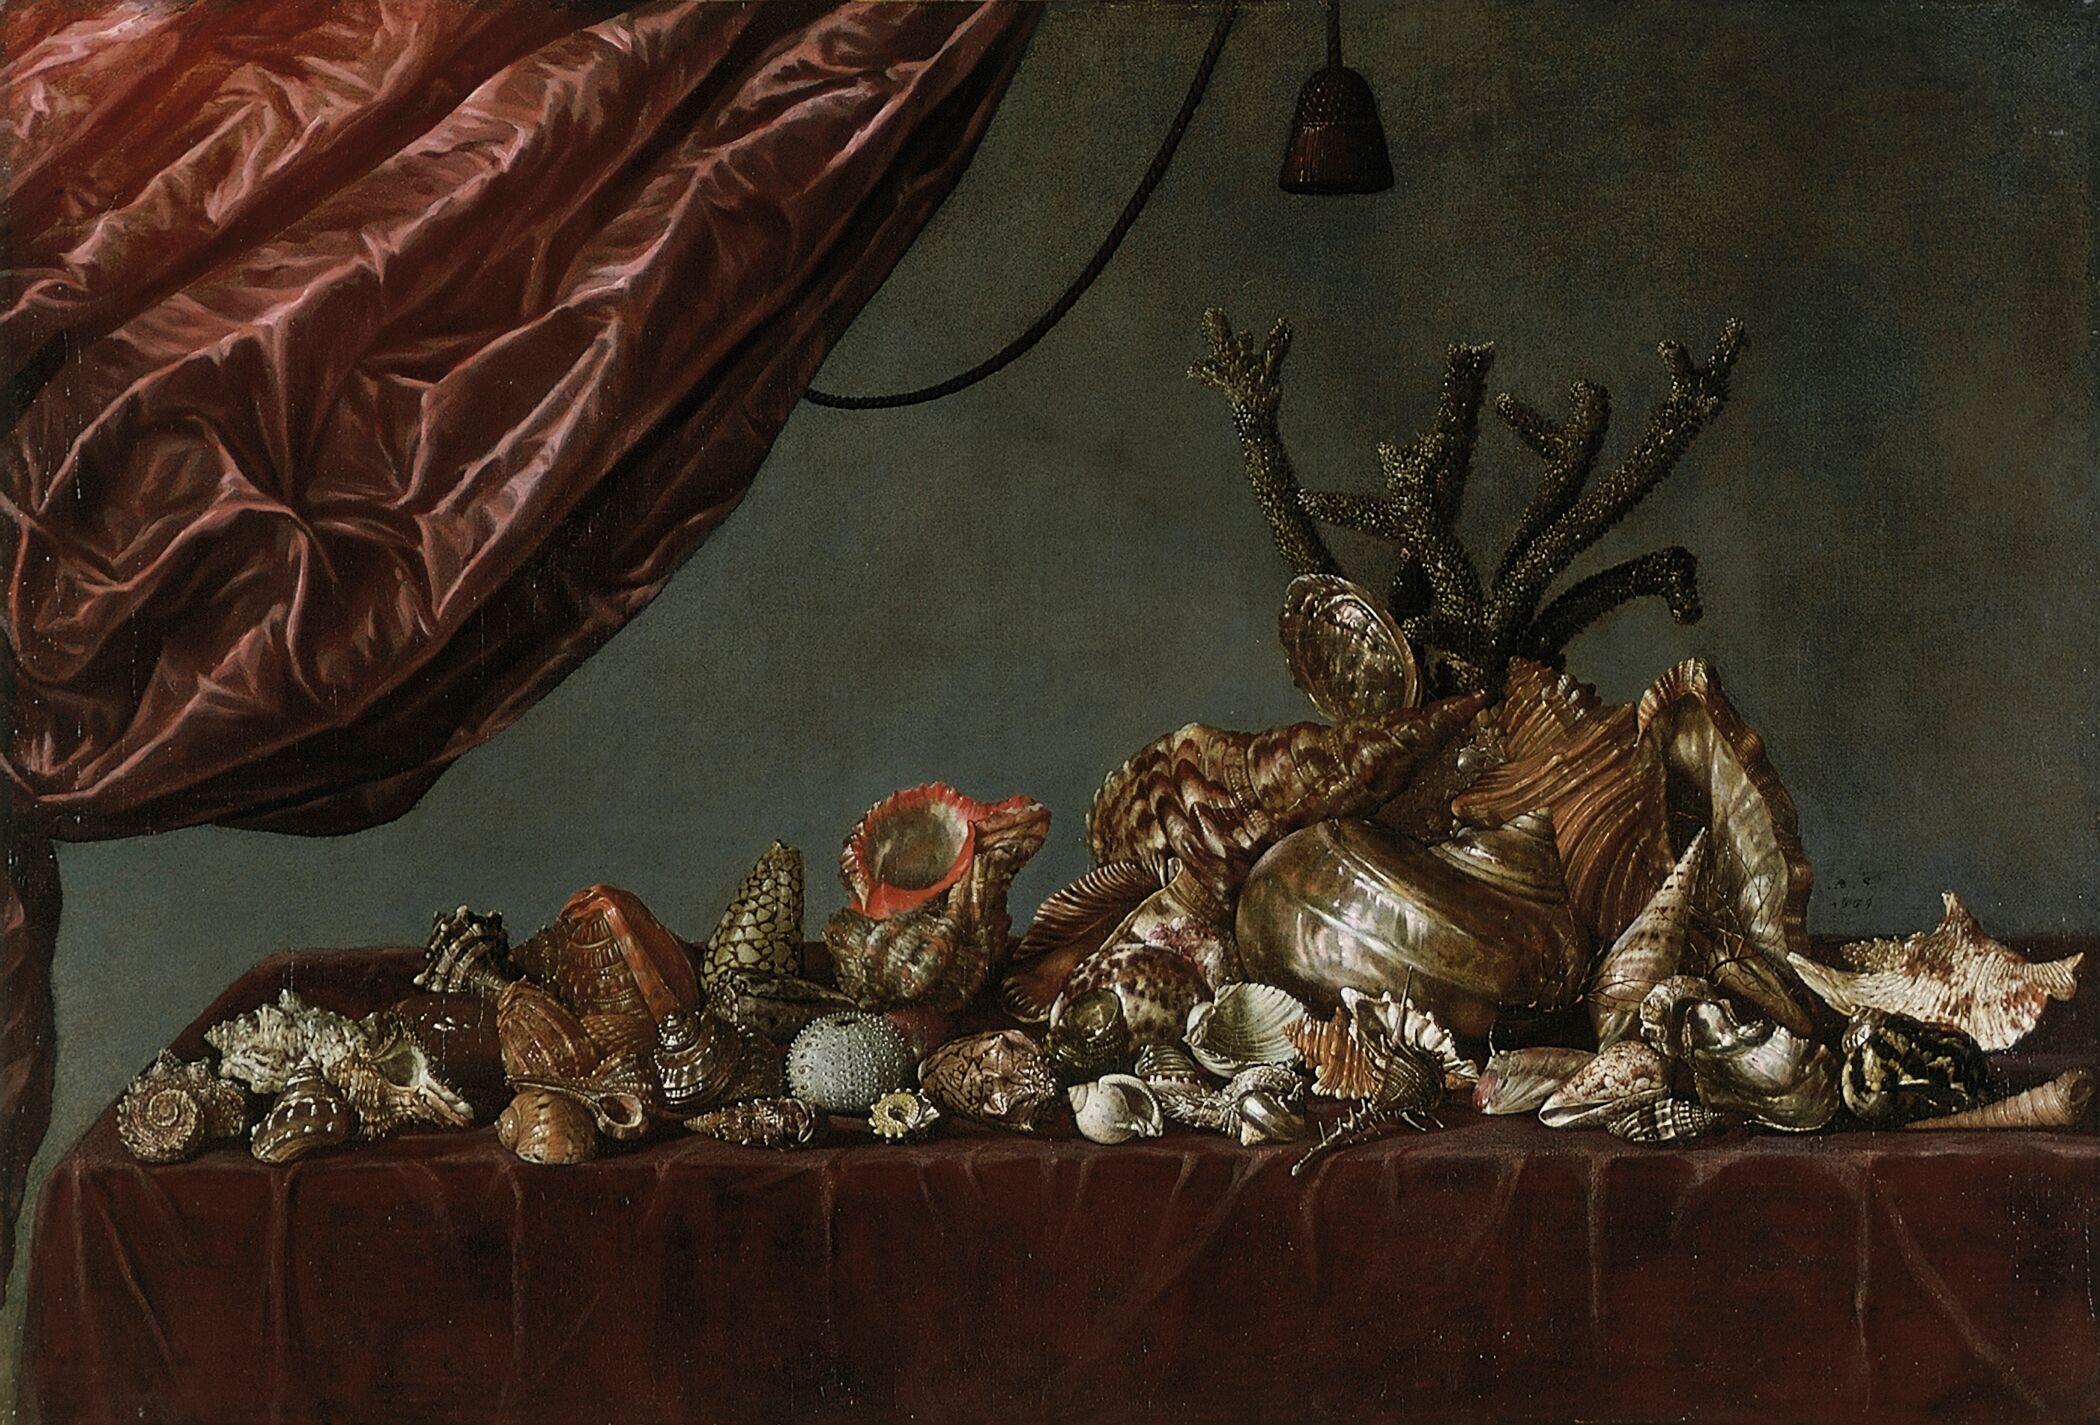 5 AgeRembrandt-AbrahamSusenier-StillLifeSeaShells-1659